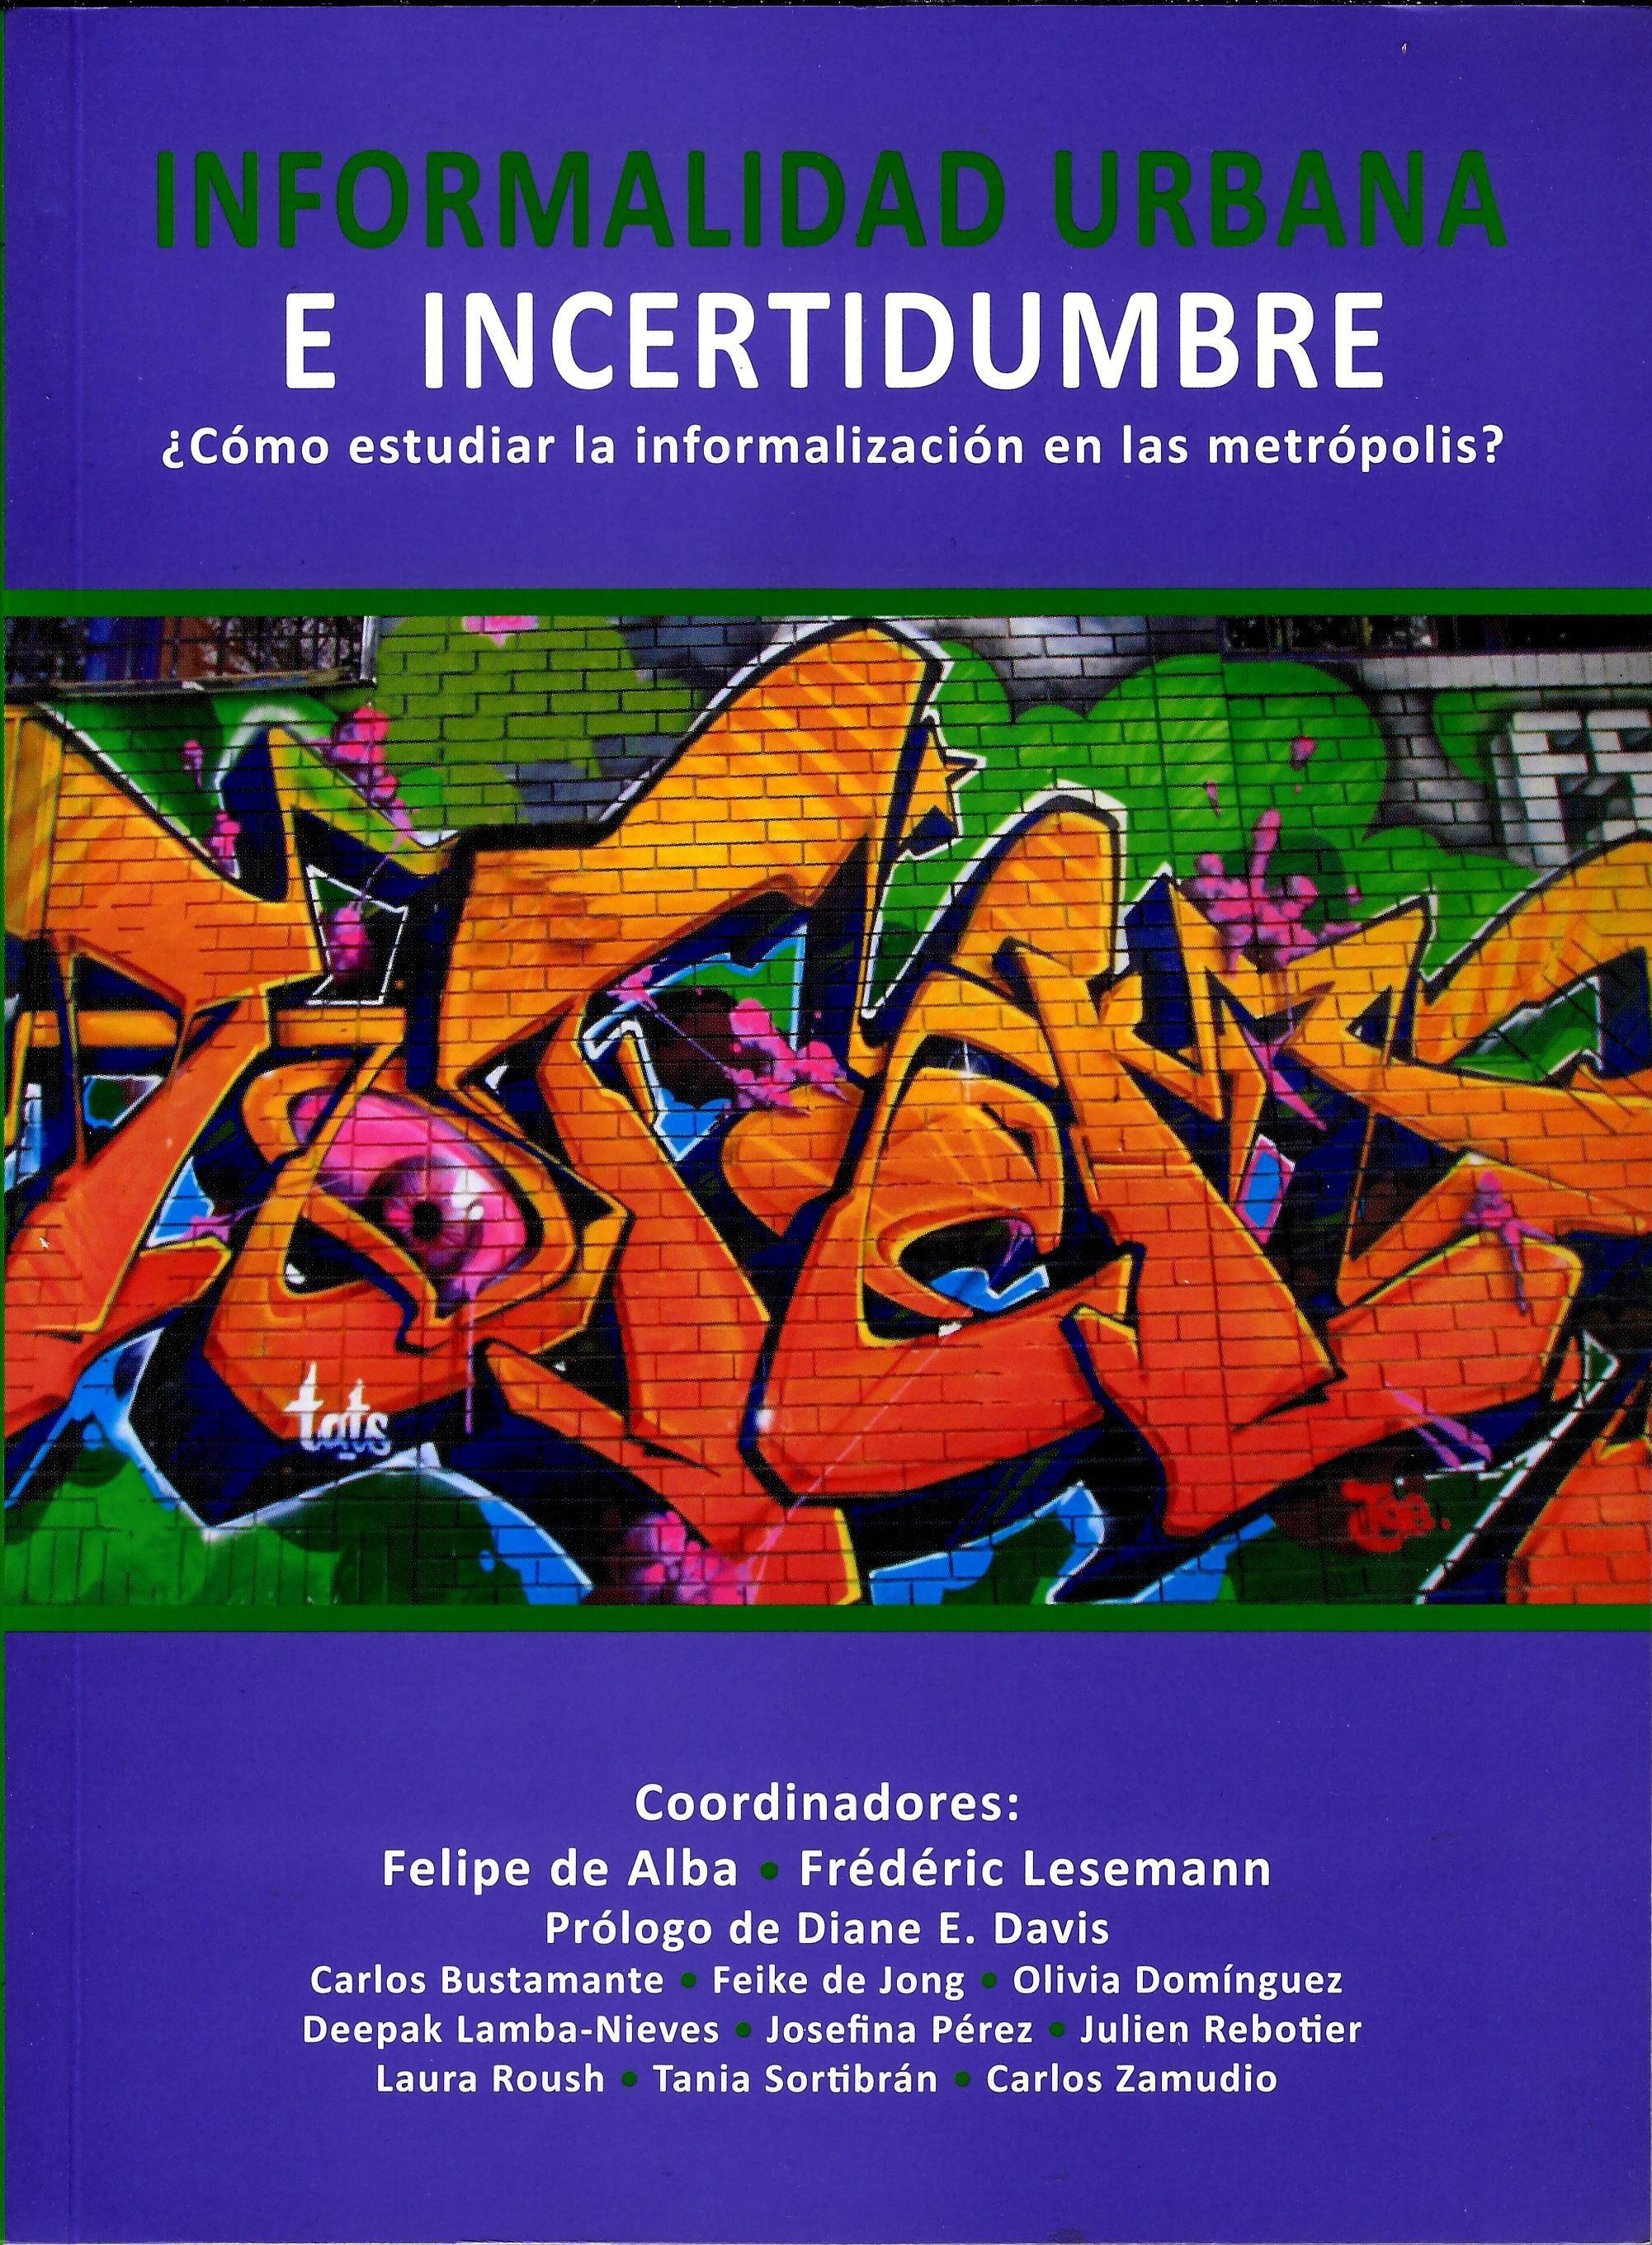 Informalidad urbana e incertidumbre ¿Cómo estudiar la informalización en las metrópolis?